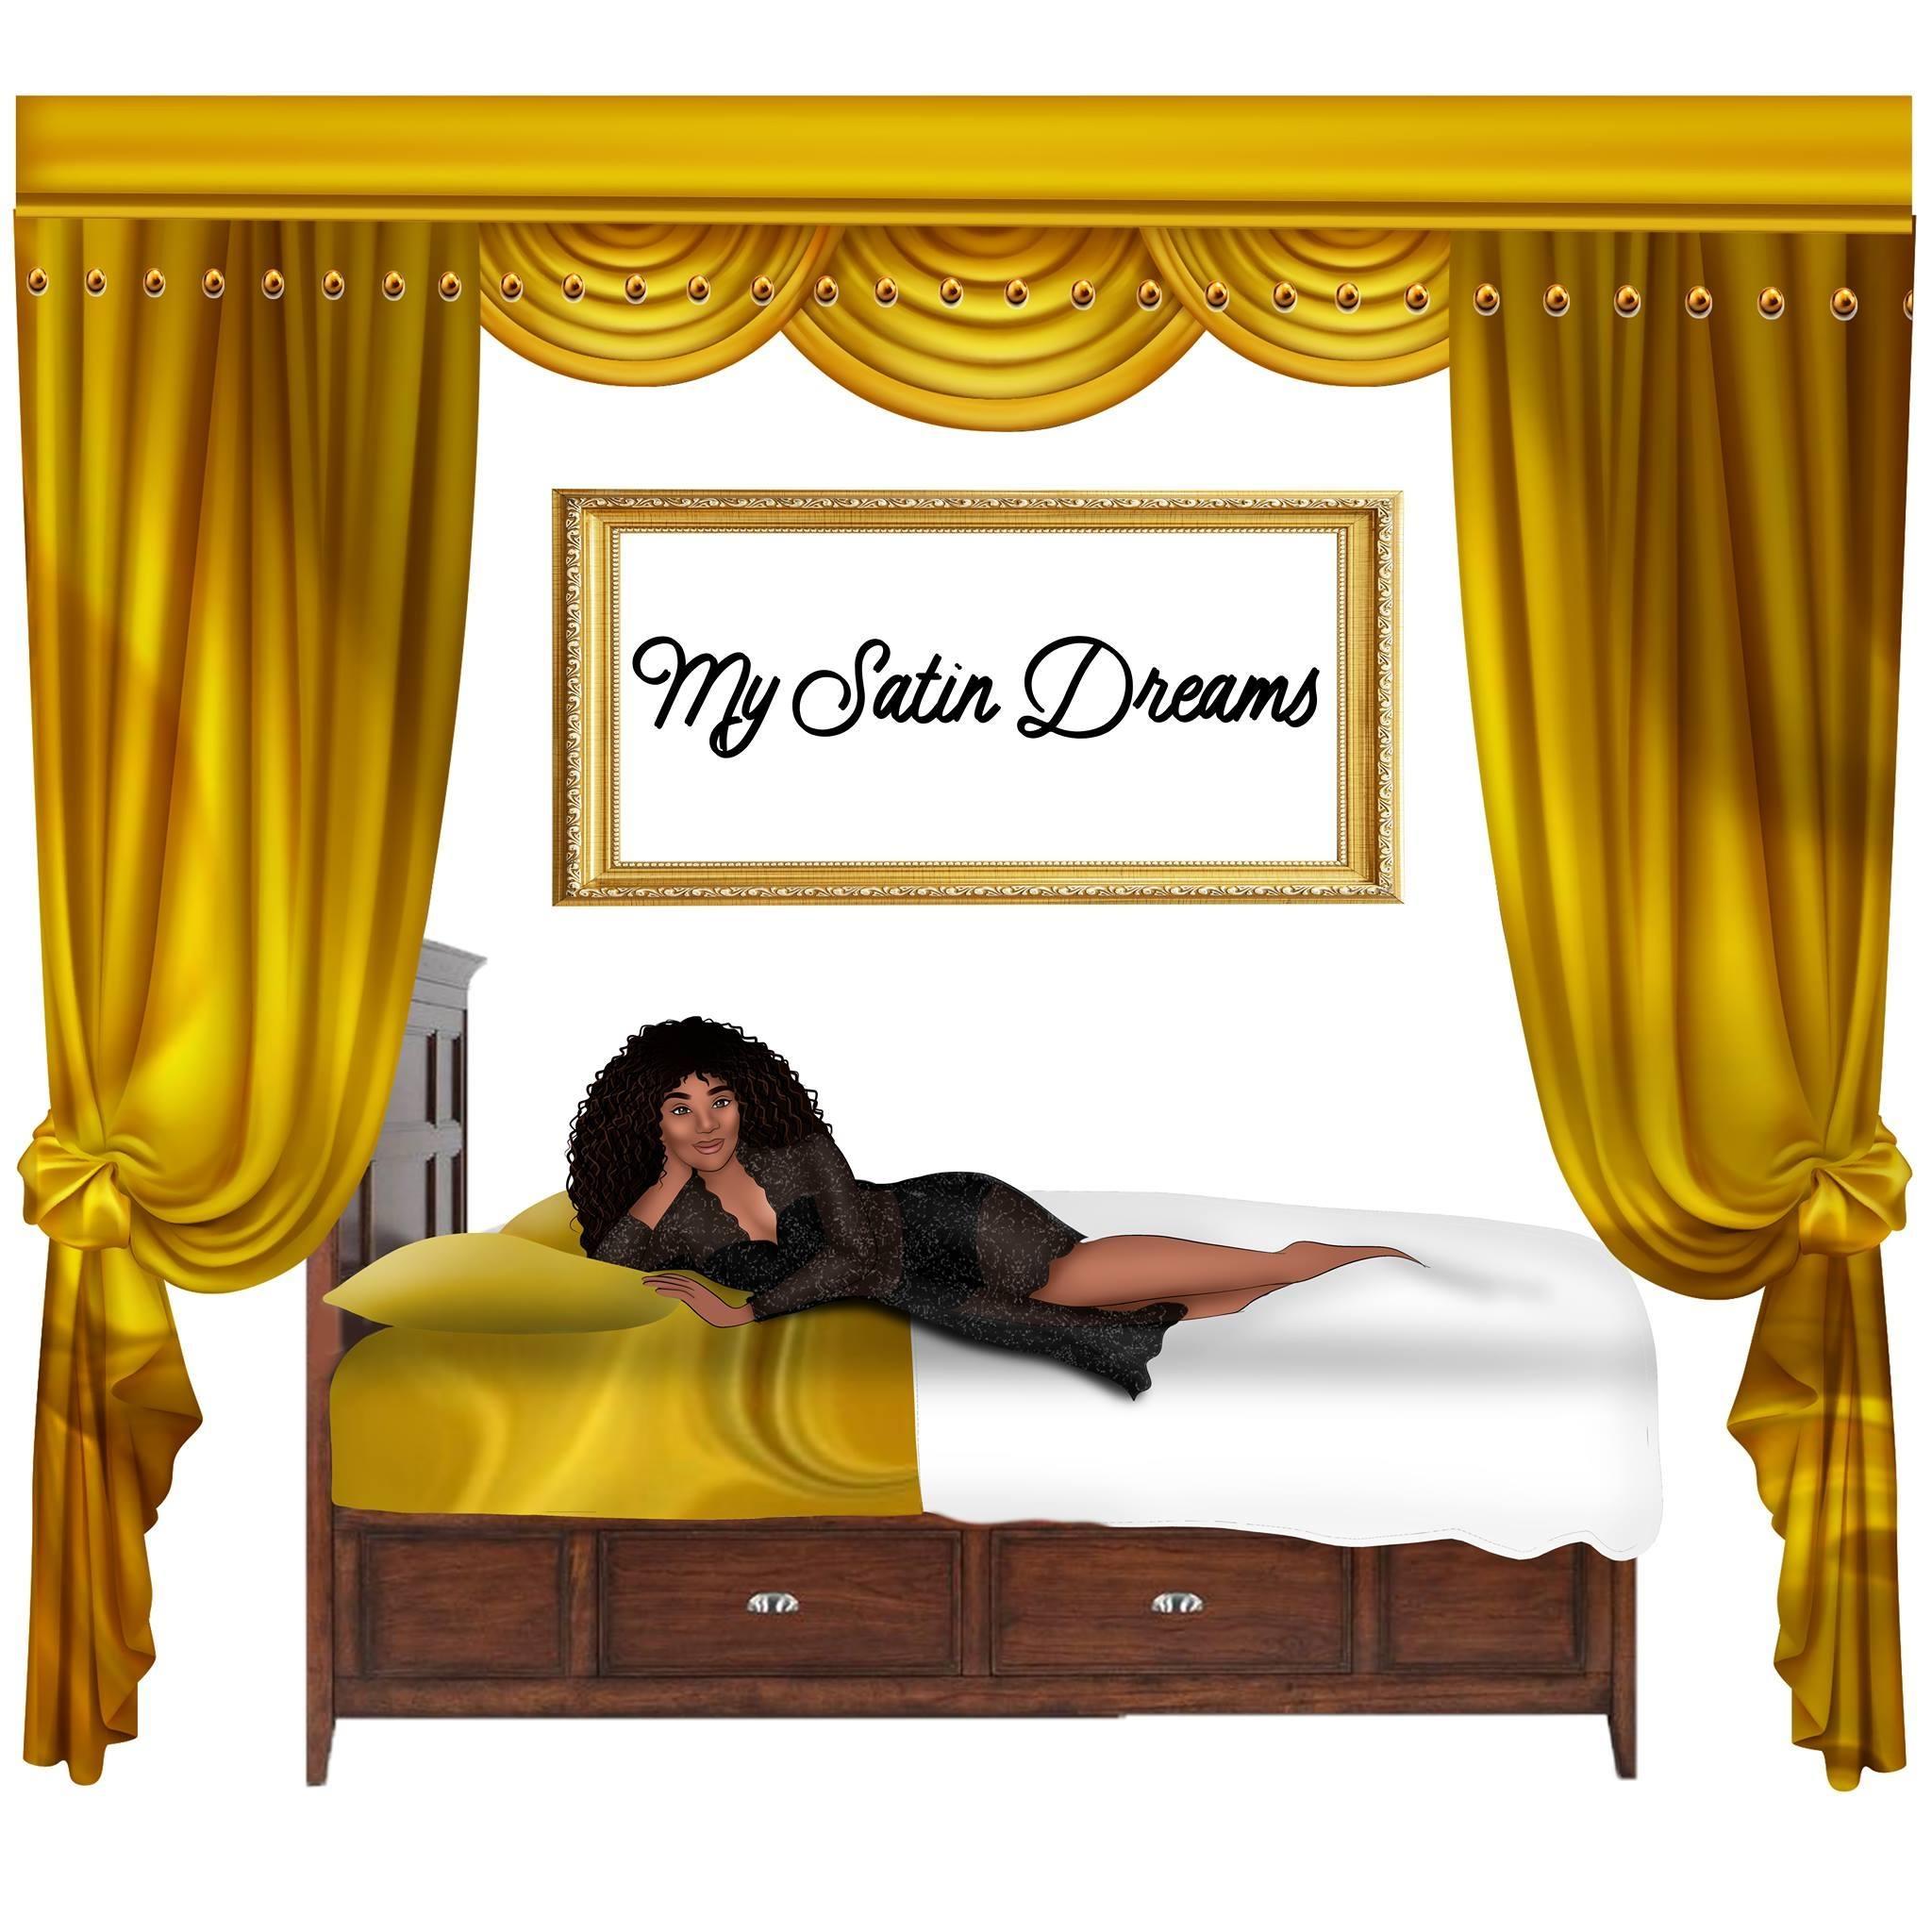 My Satin Dreams